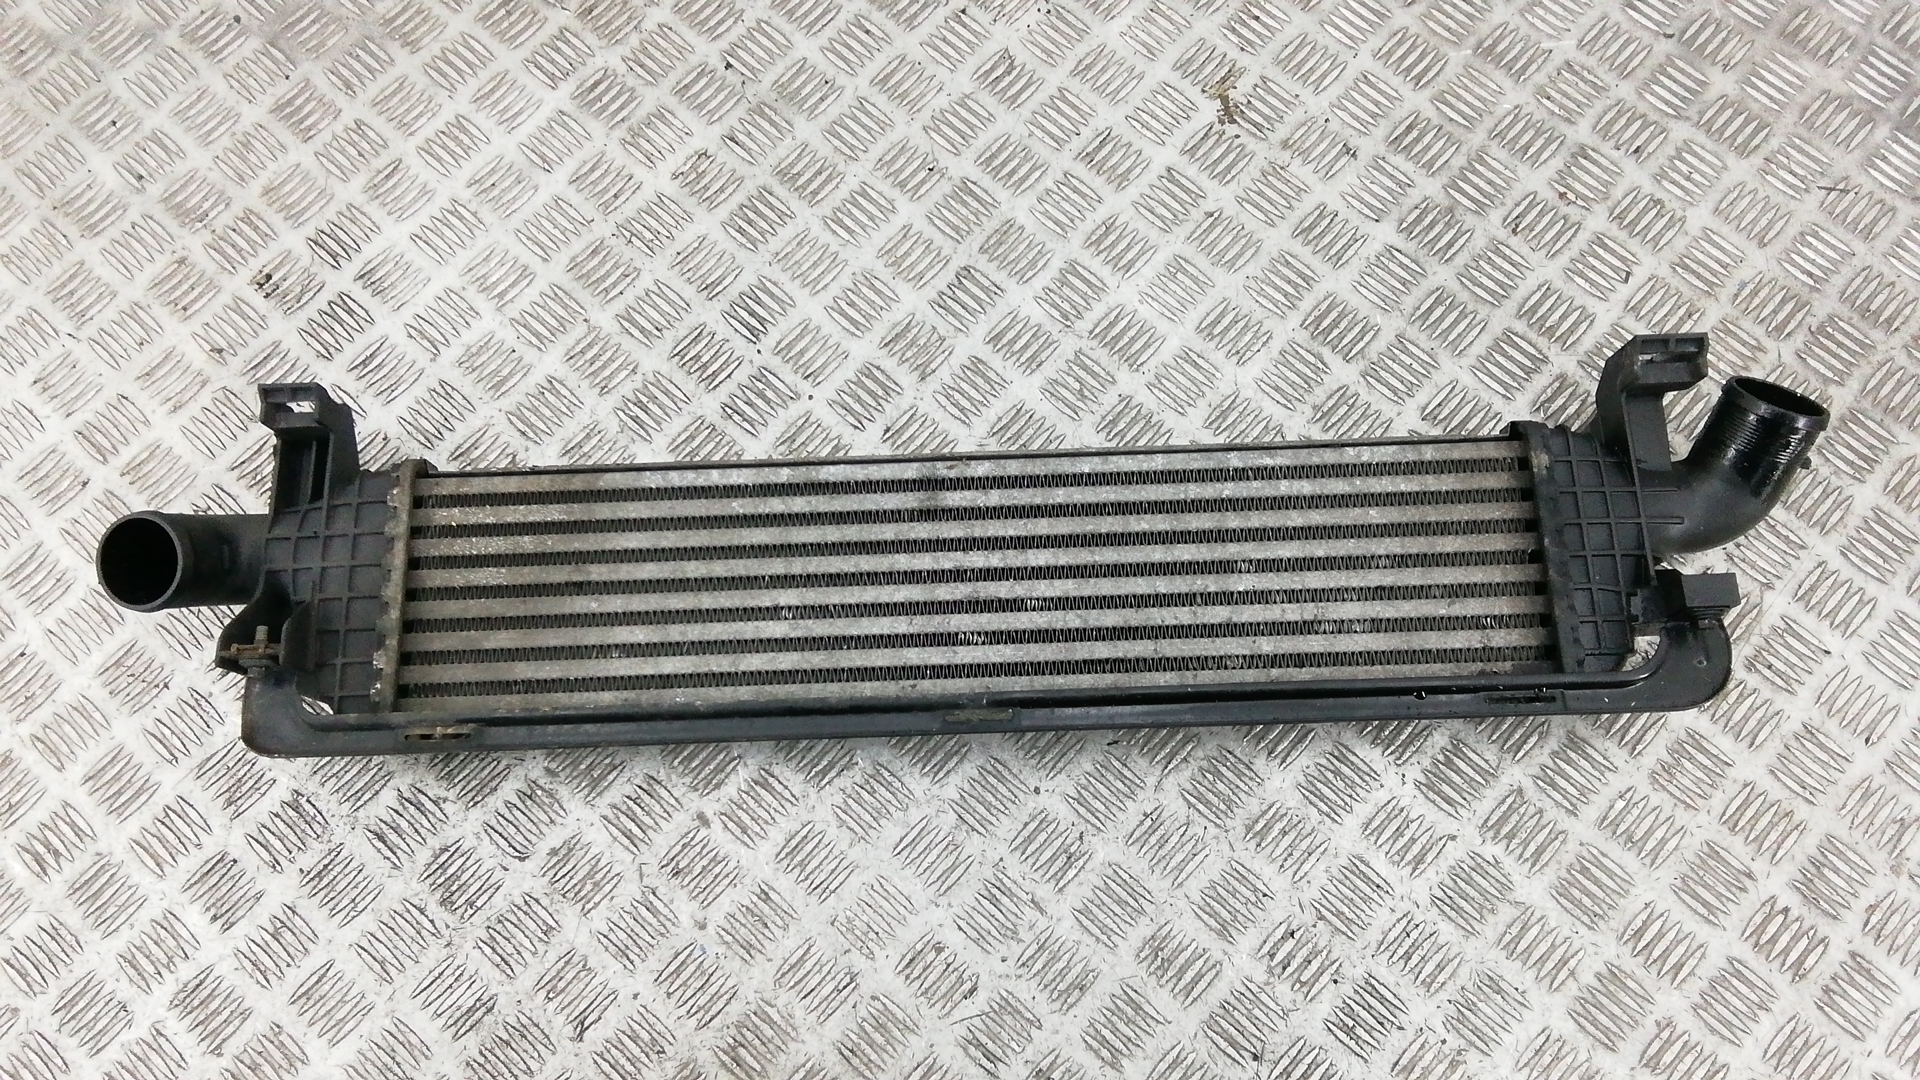 Радиатор интеркуллера, VOLVO, S40 II MS, 2005